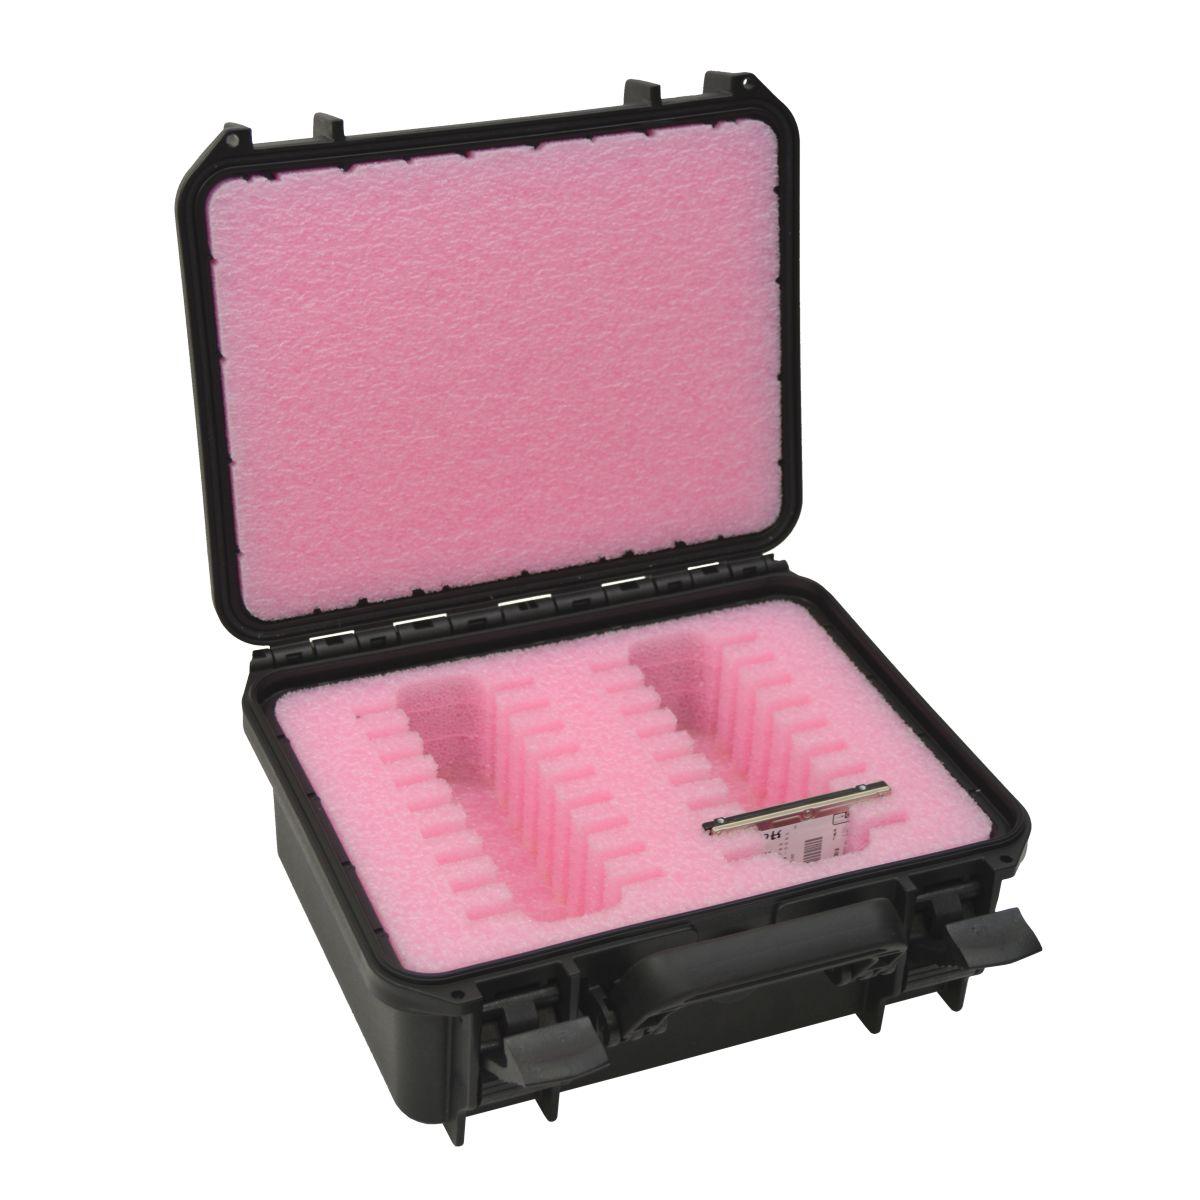 """18 x 2.5"""" SATA / PATA / IDE Hard Drive Storage Case - DORO D1109-5"""